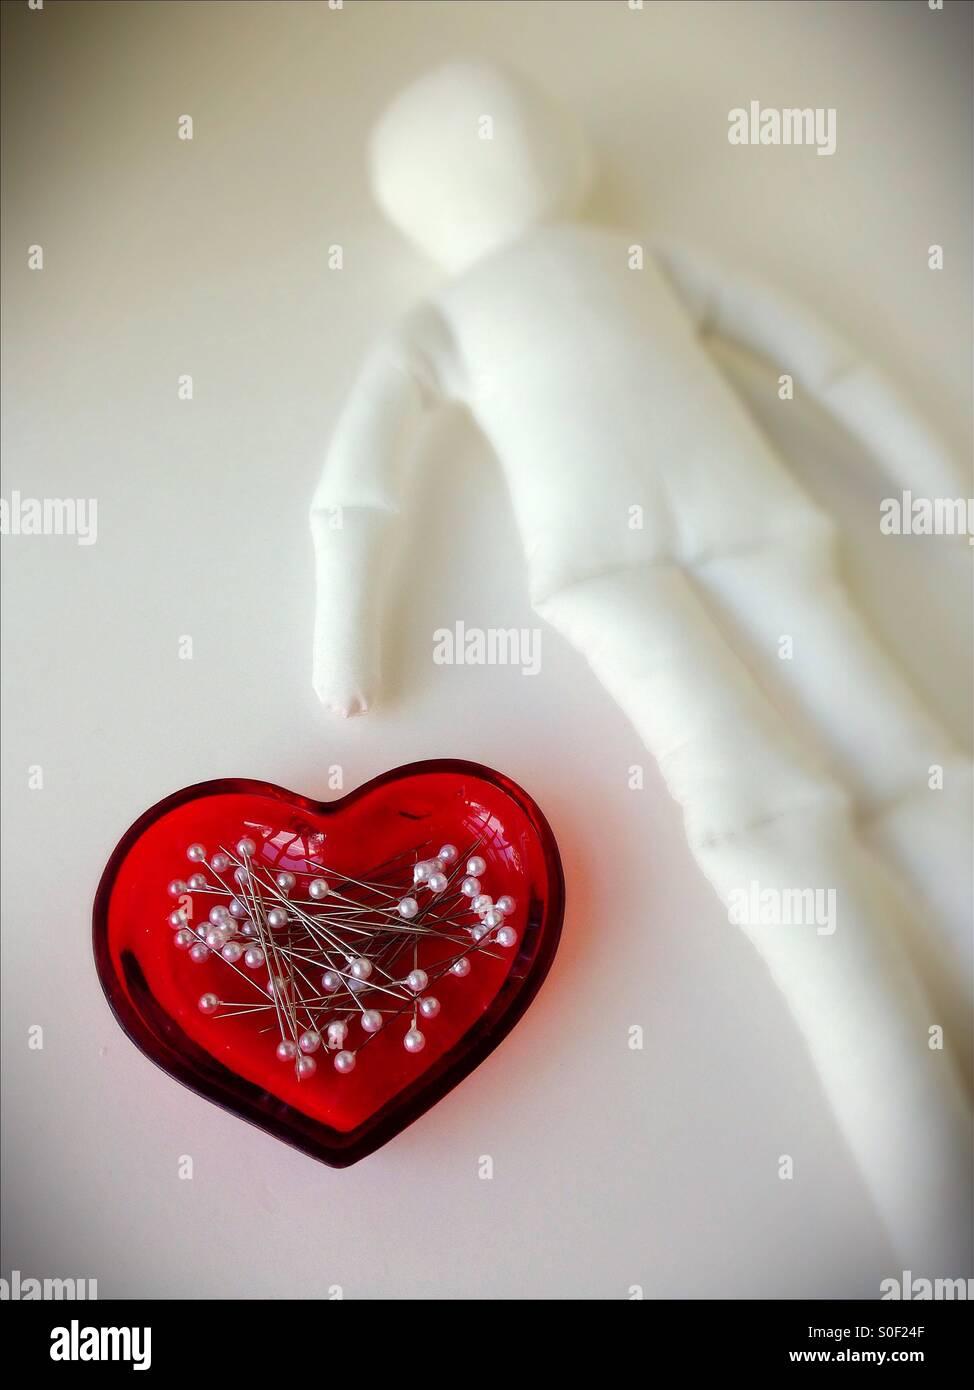 Perni in un cuore piatto sagomato accanto a un vuoto bambola voodoo. Immagini Stock